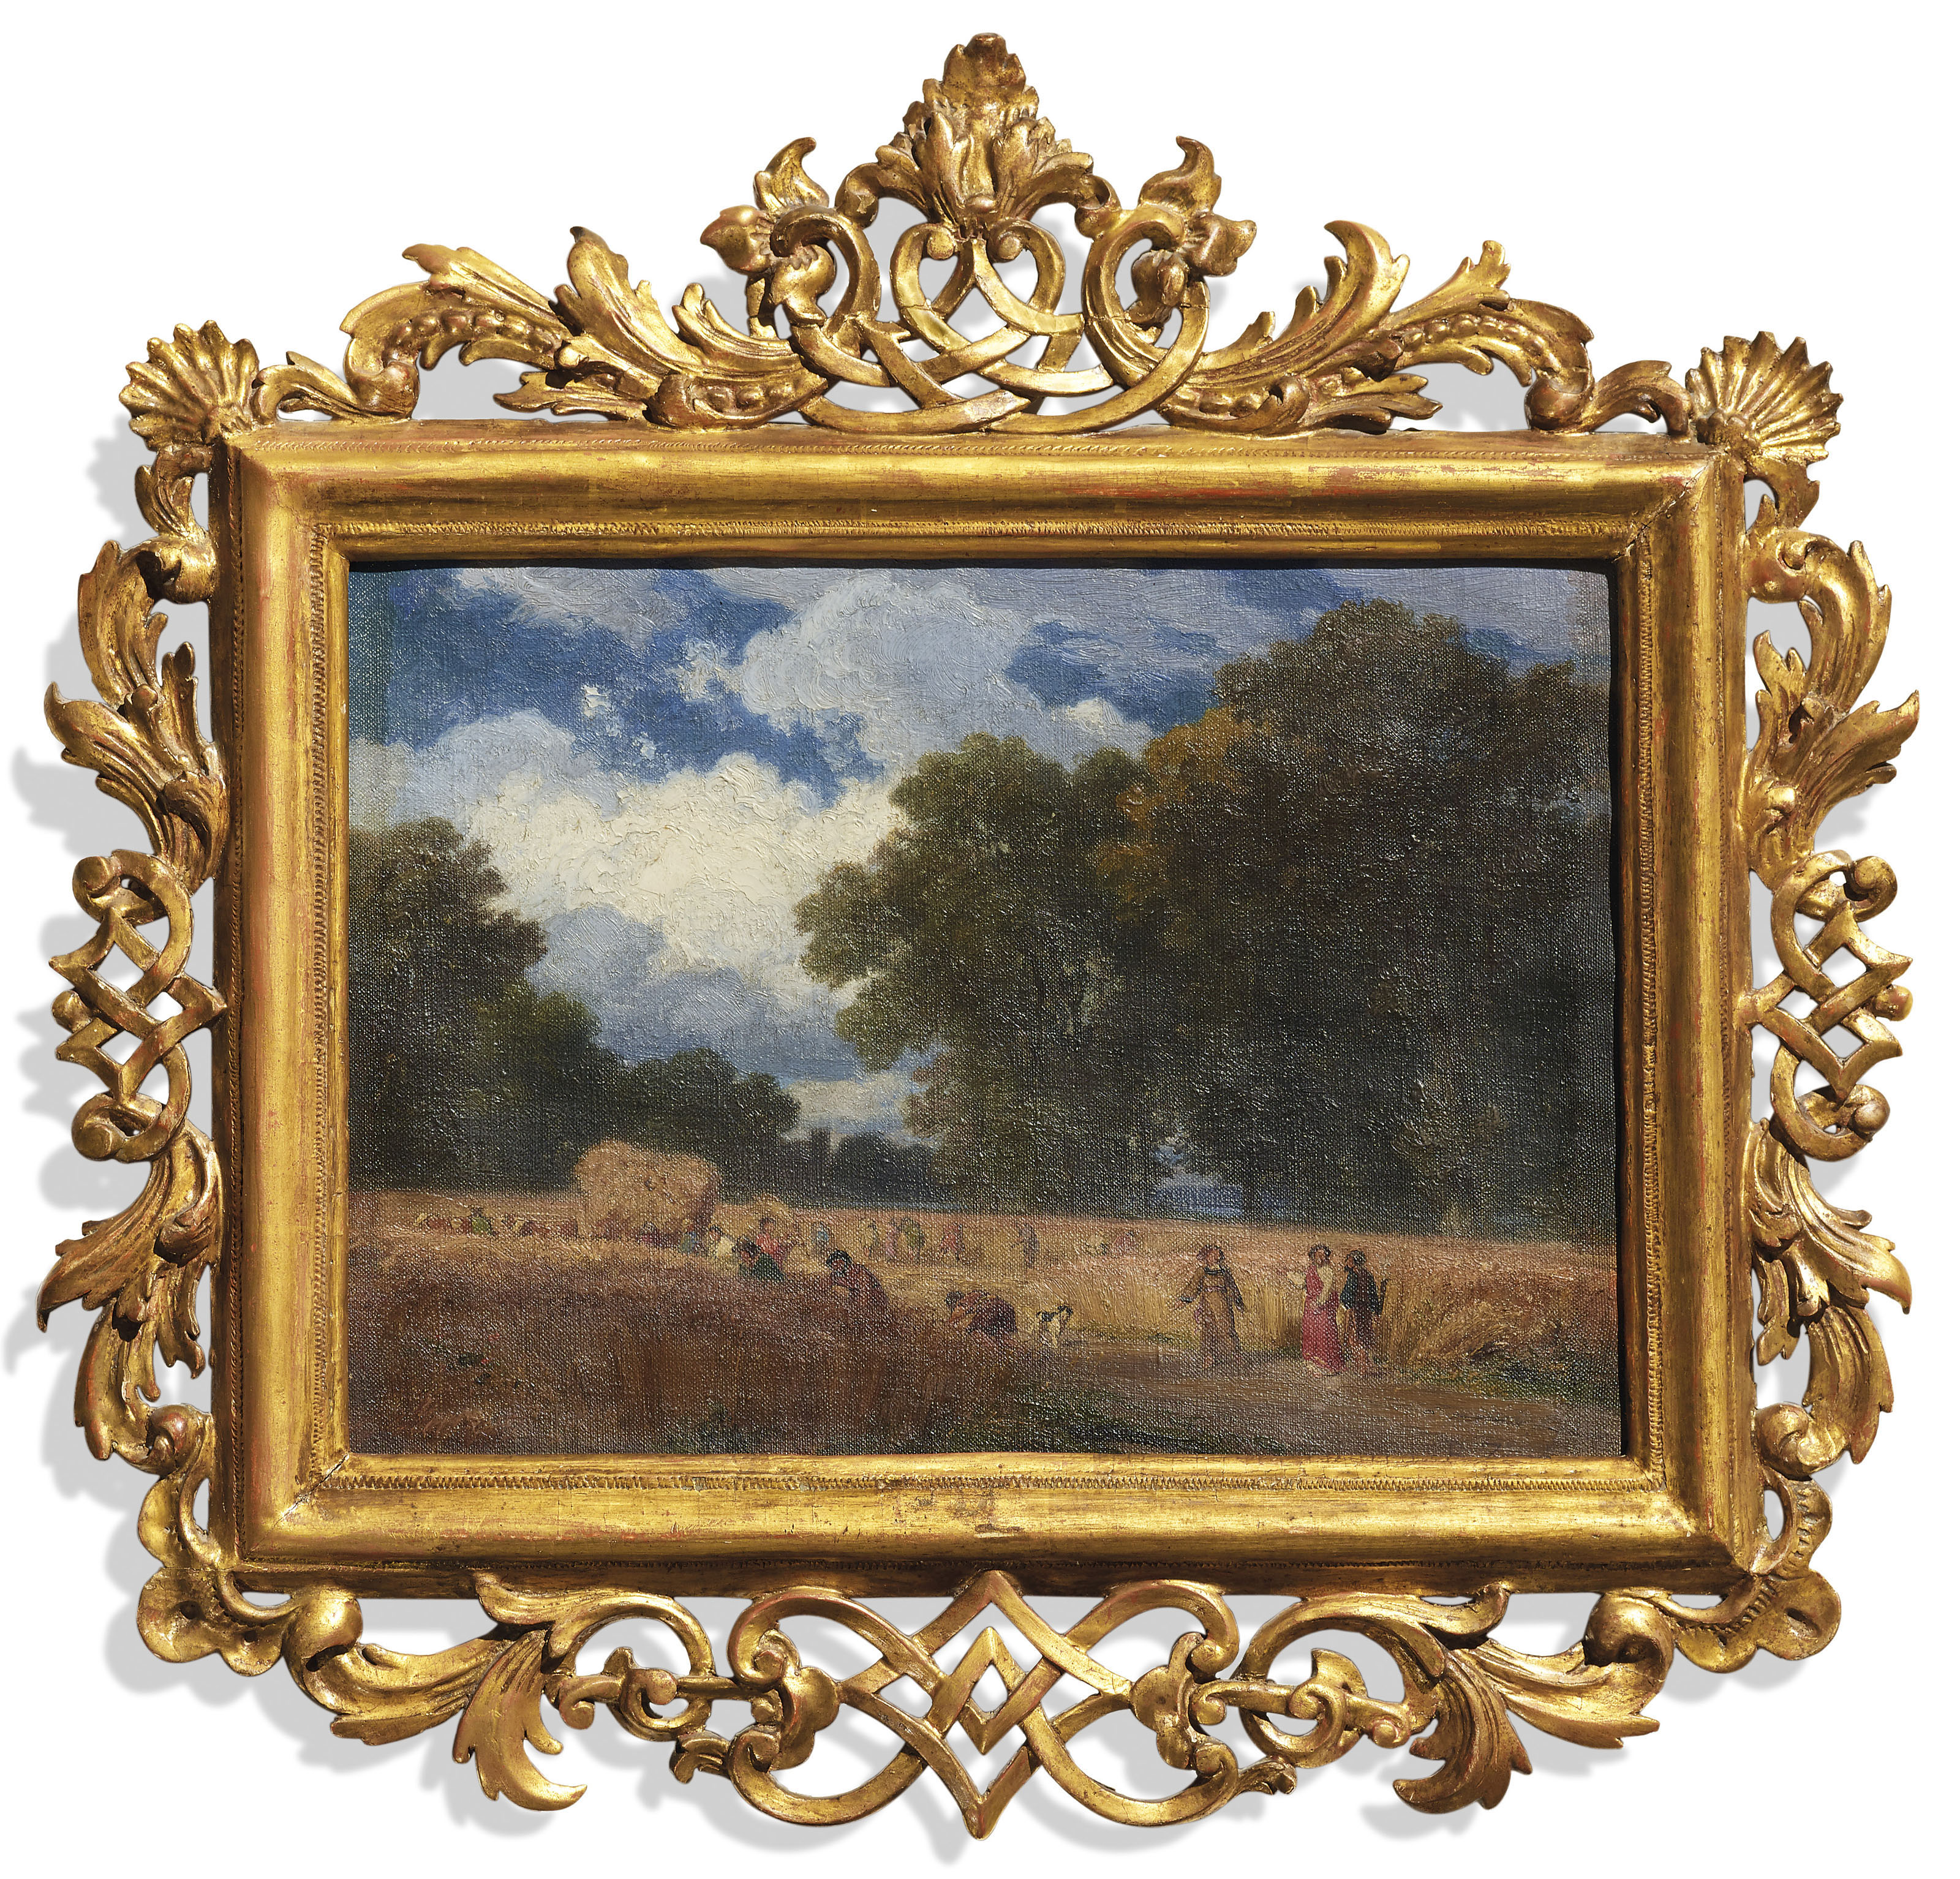 Studie zu Die Ernte, um 1860